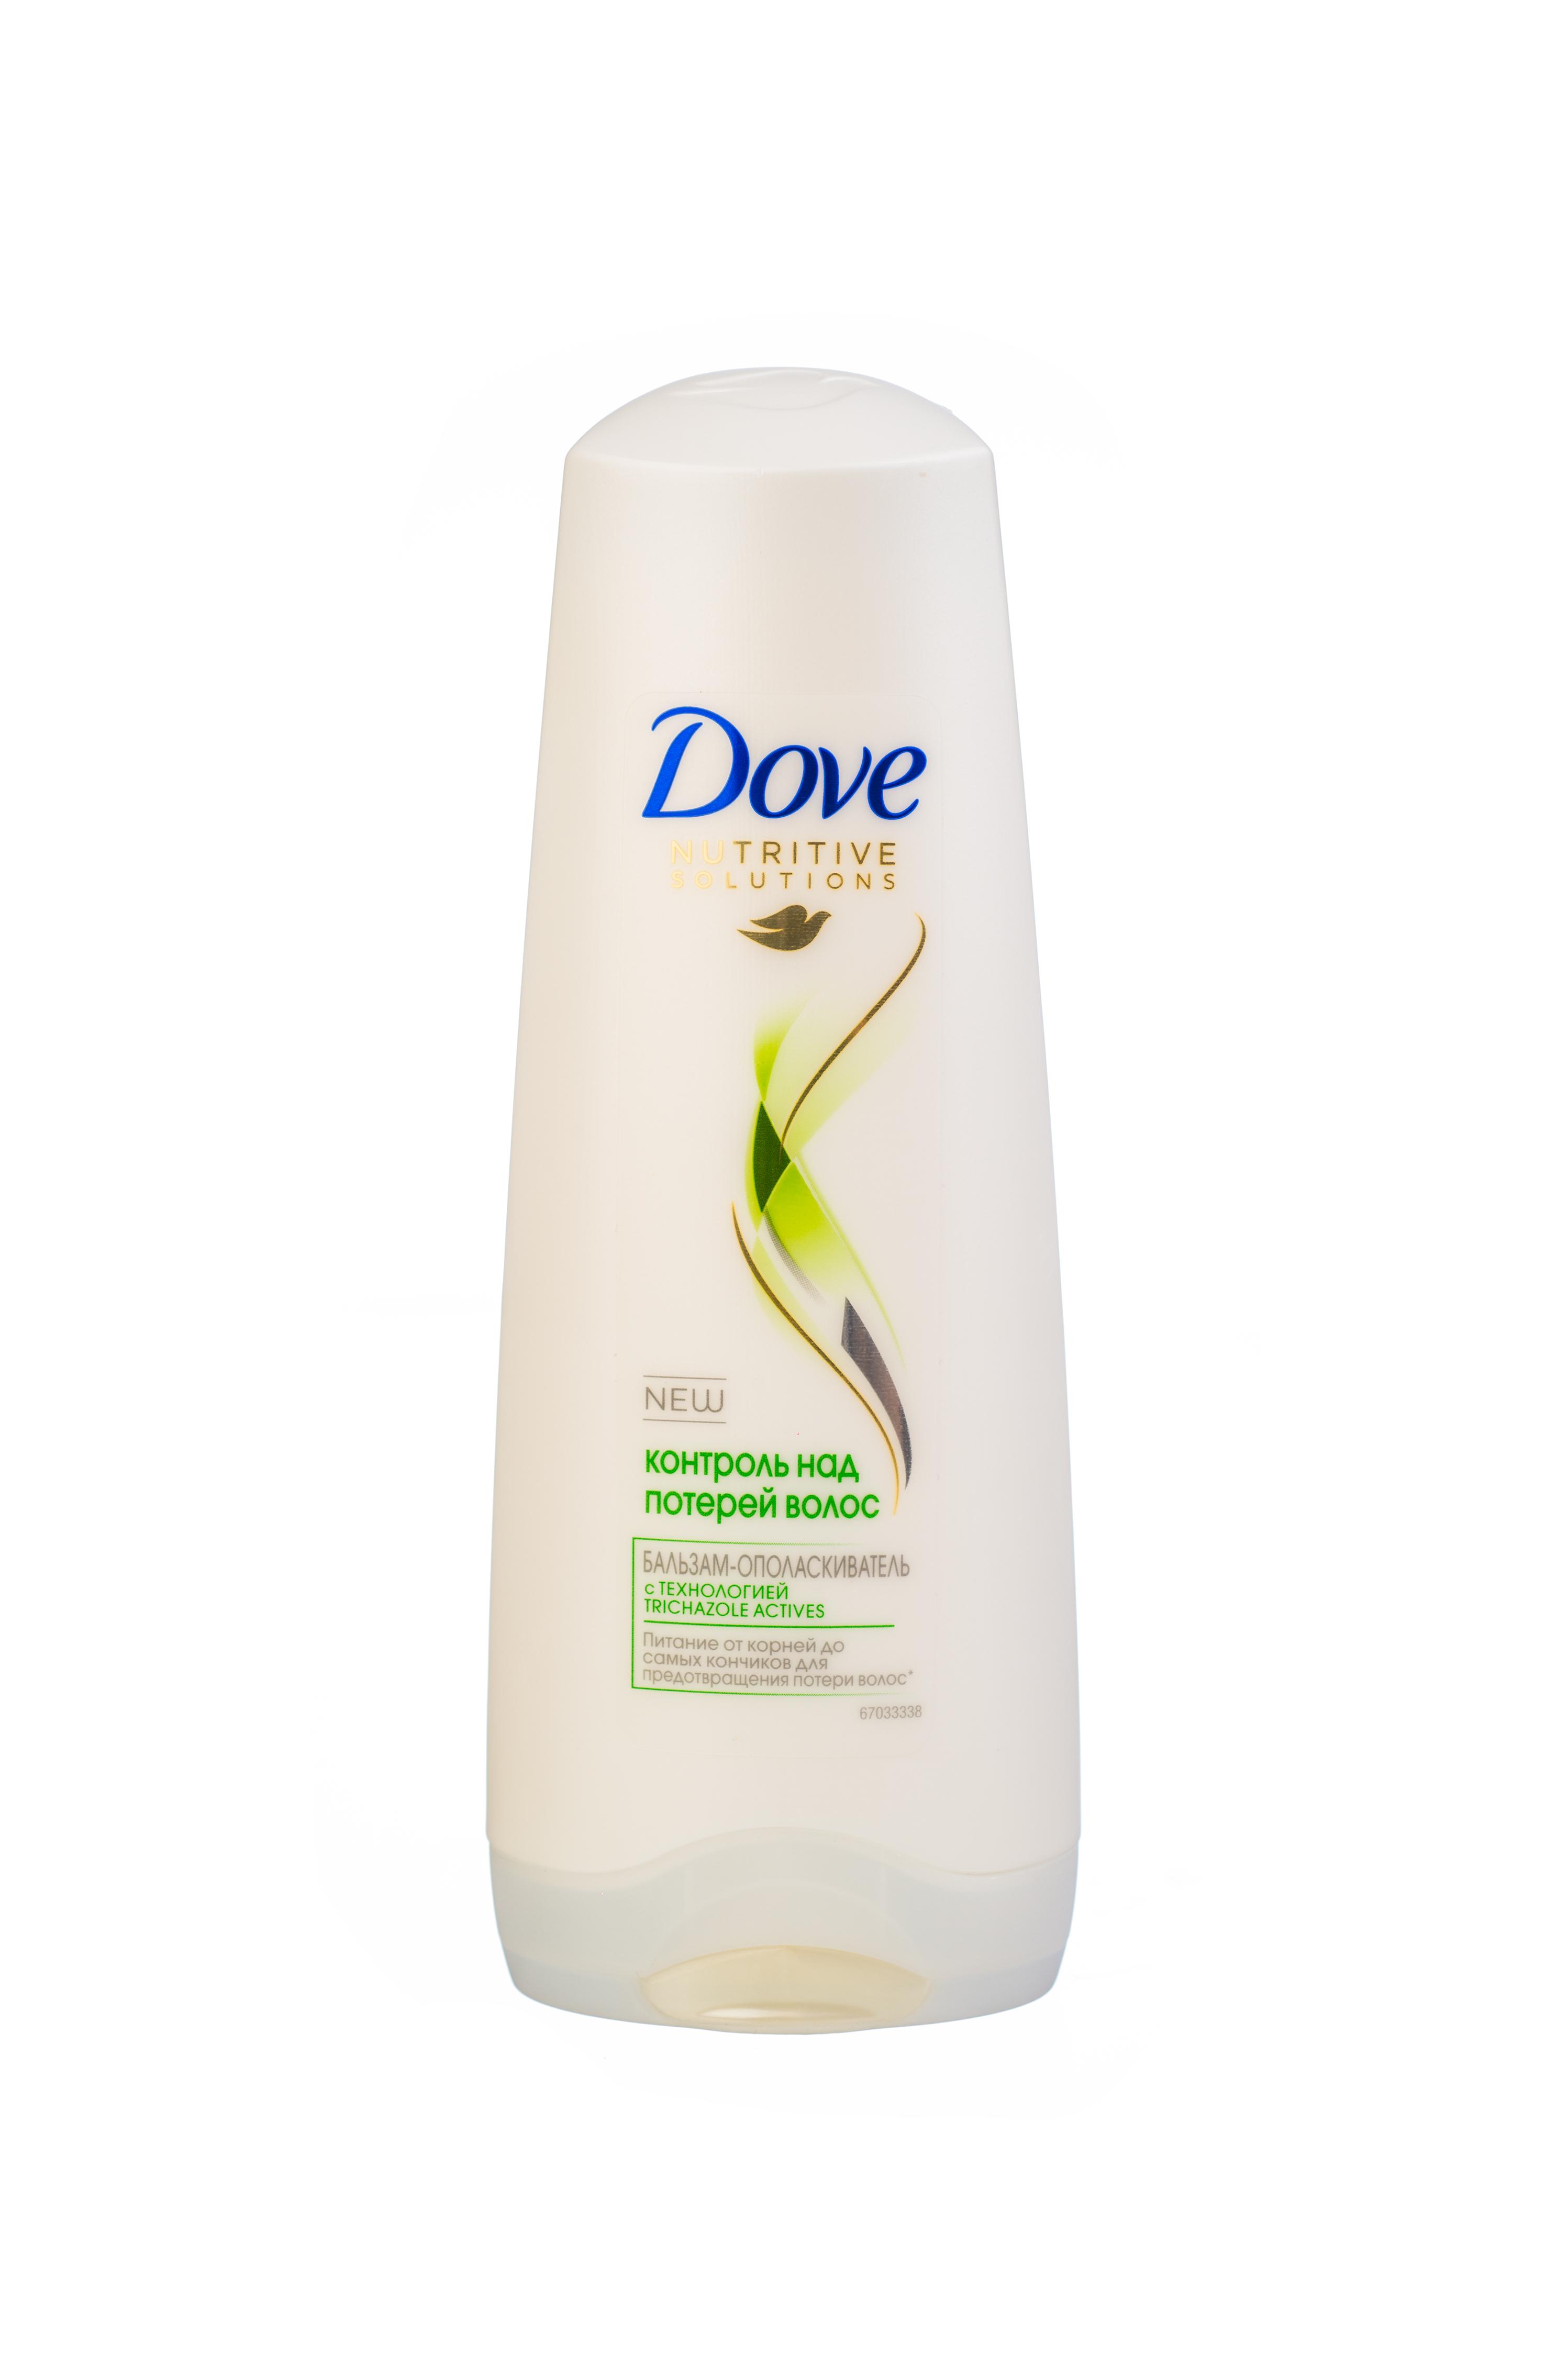 Dove Nutritive Solutions Бальзам-ополаскиватель Контроль над потерей волос 200 мл21075471Бальзам Dove Контроль над потерей волос мягко и бережно очищает хрупкие волосы, эффективно укрепляет их, помогая предотвратить ломкость. Увлажняющая Микро-сыворотка, входящая в состав бальзама-ополаскивателя, разглаживает поврежденную поверхность волоса, помогая восстановить и укрепить ослабленные ломкие волосы от корней до кончиков, уменьшая потерю волос на 98%. Наслаждайтесь красотой сильных волос, устойчивых к повреждениям и выпадению из-за ломкости. Товар сертифицирован.